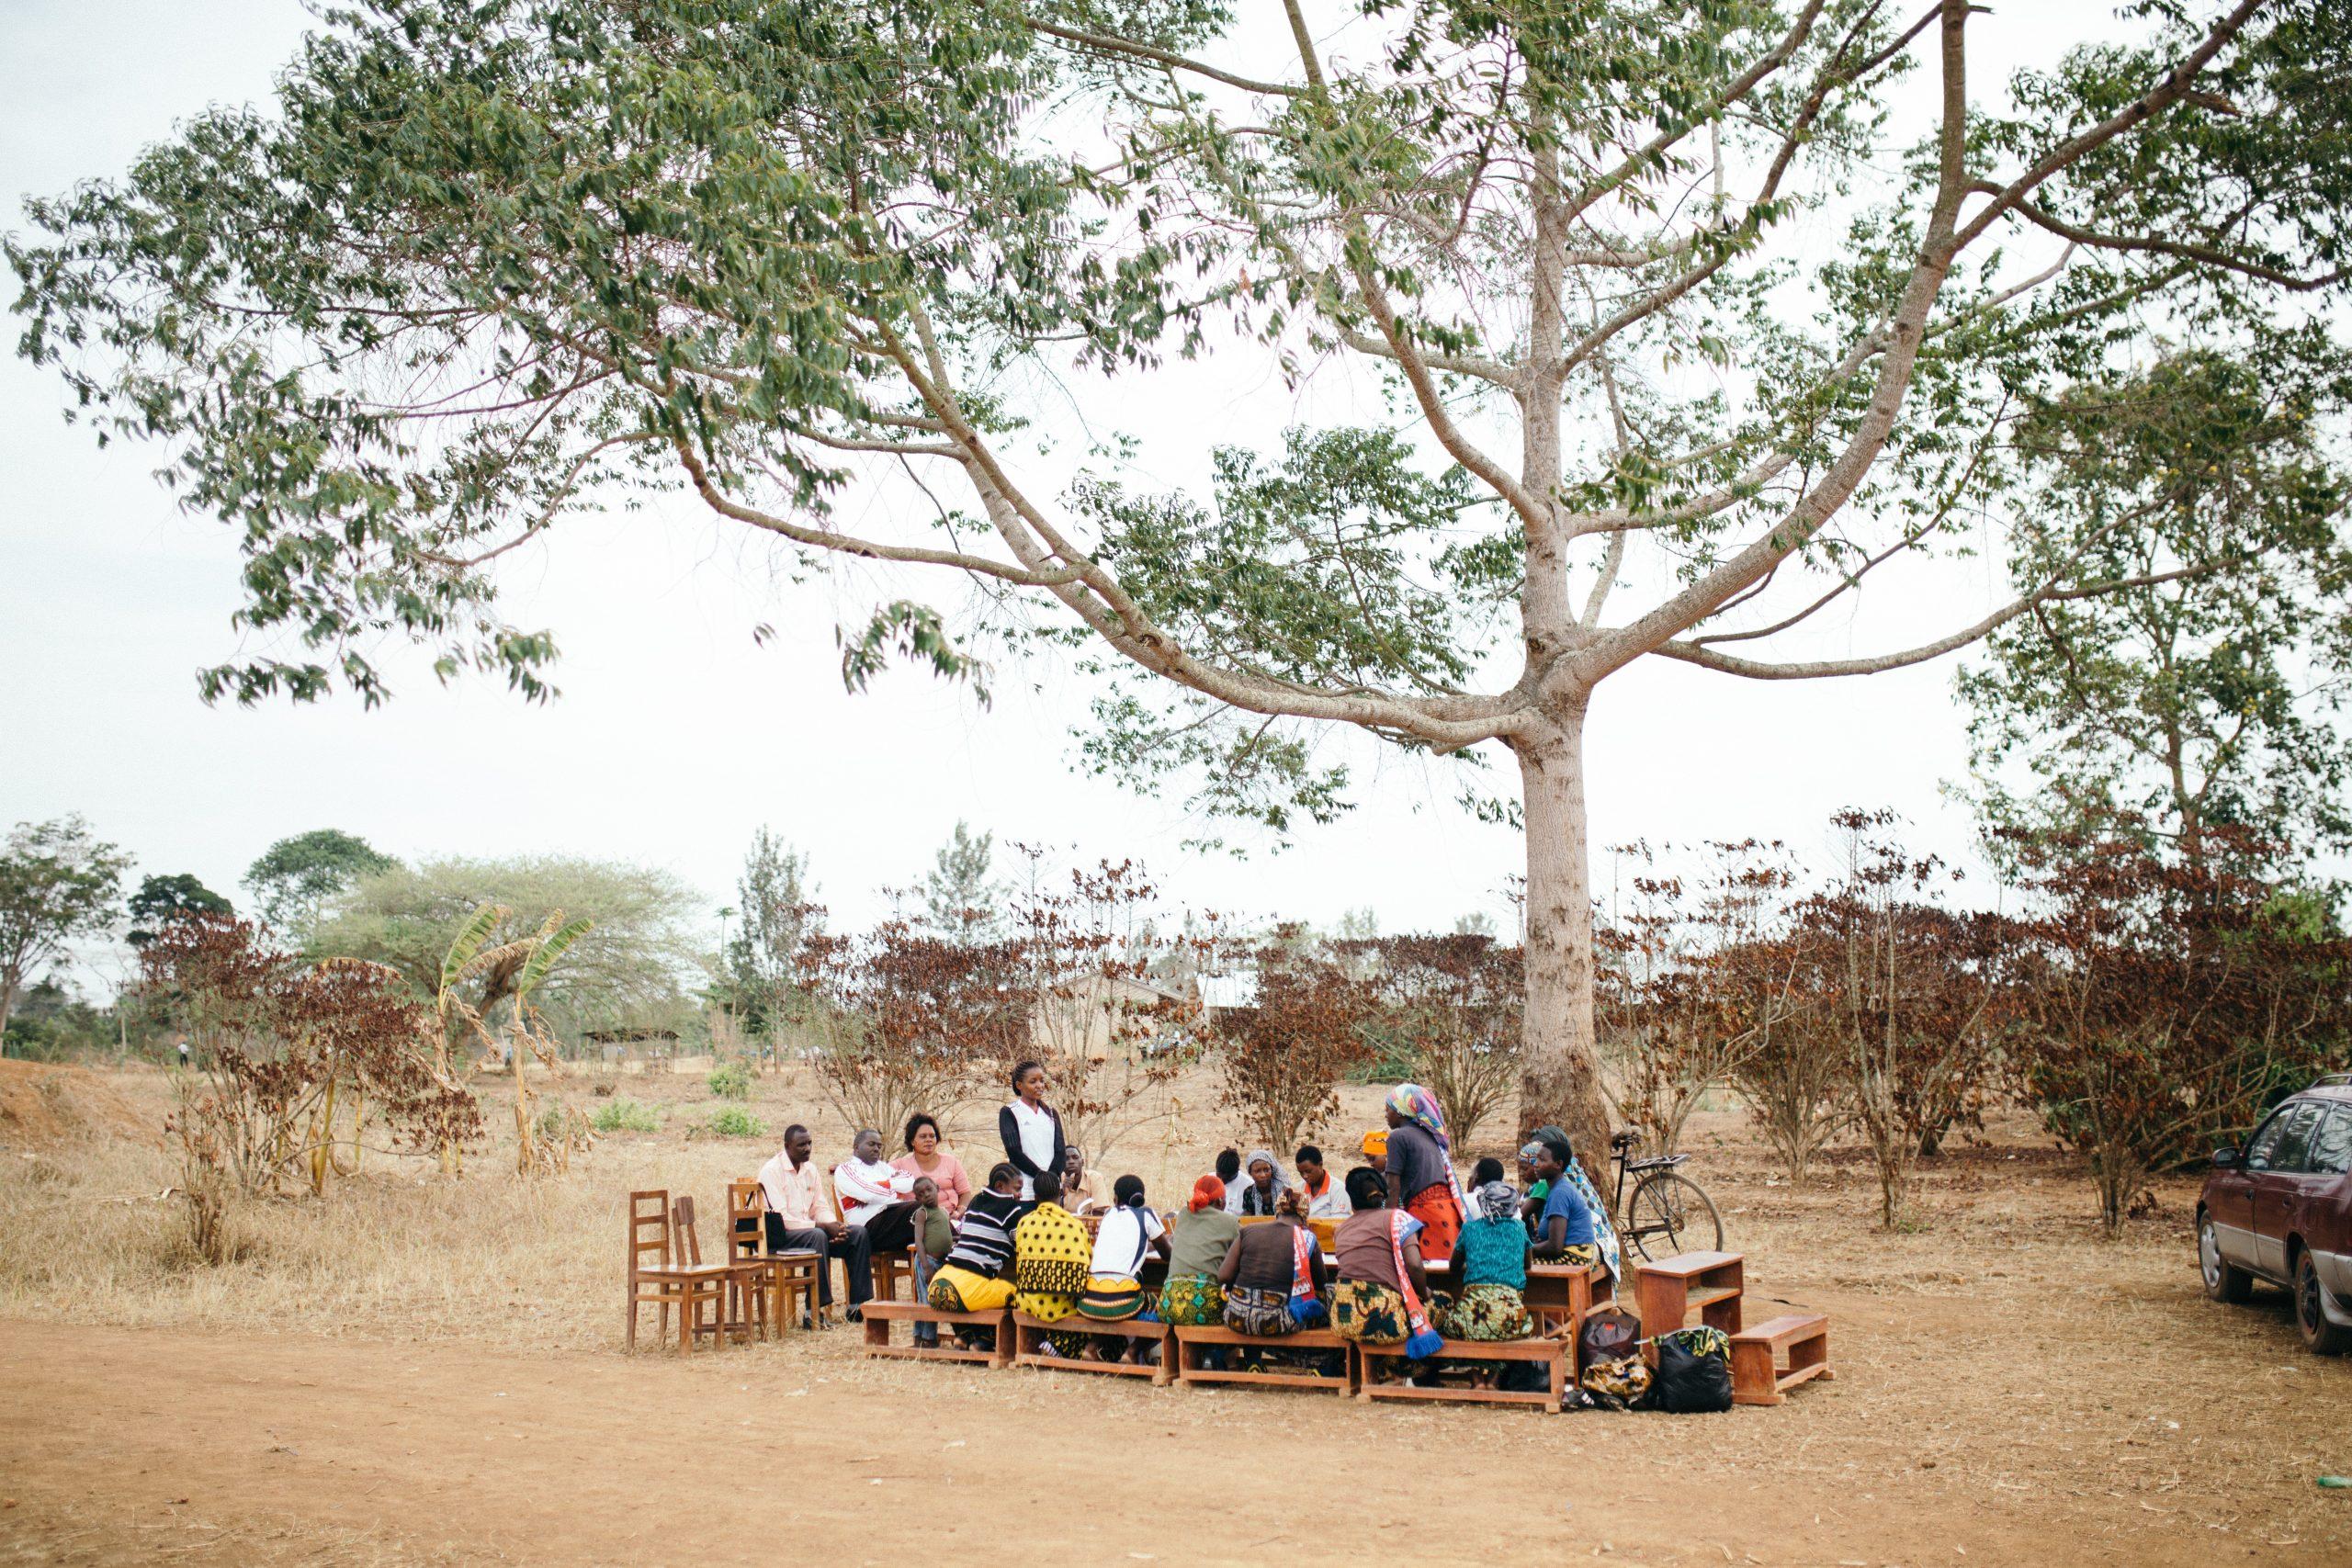 Tansanische Frauen in Bunten Gewändern sitzen unter einem Baum an einem Tisch zu einem Treffen zusammen